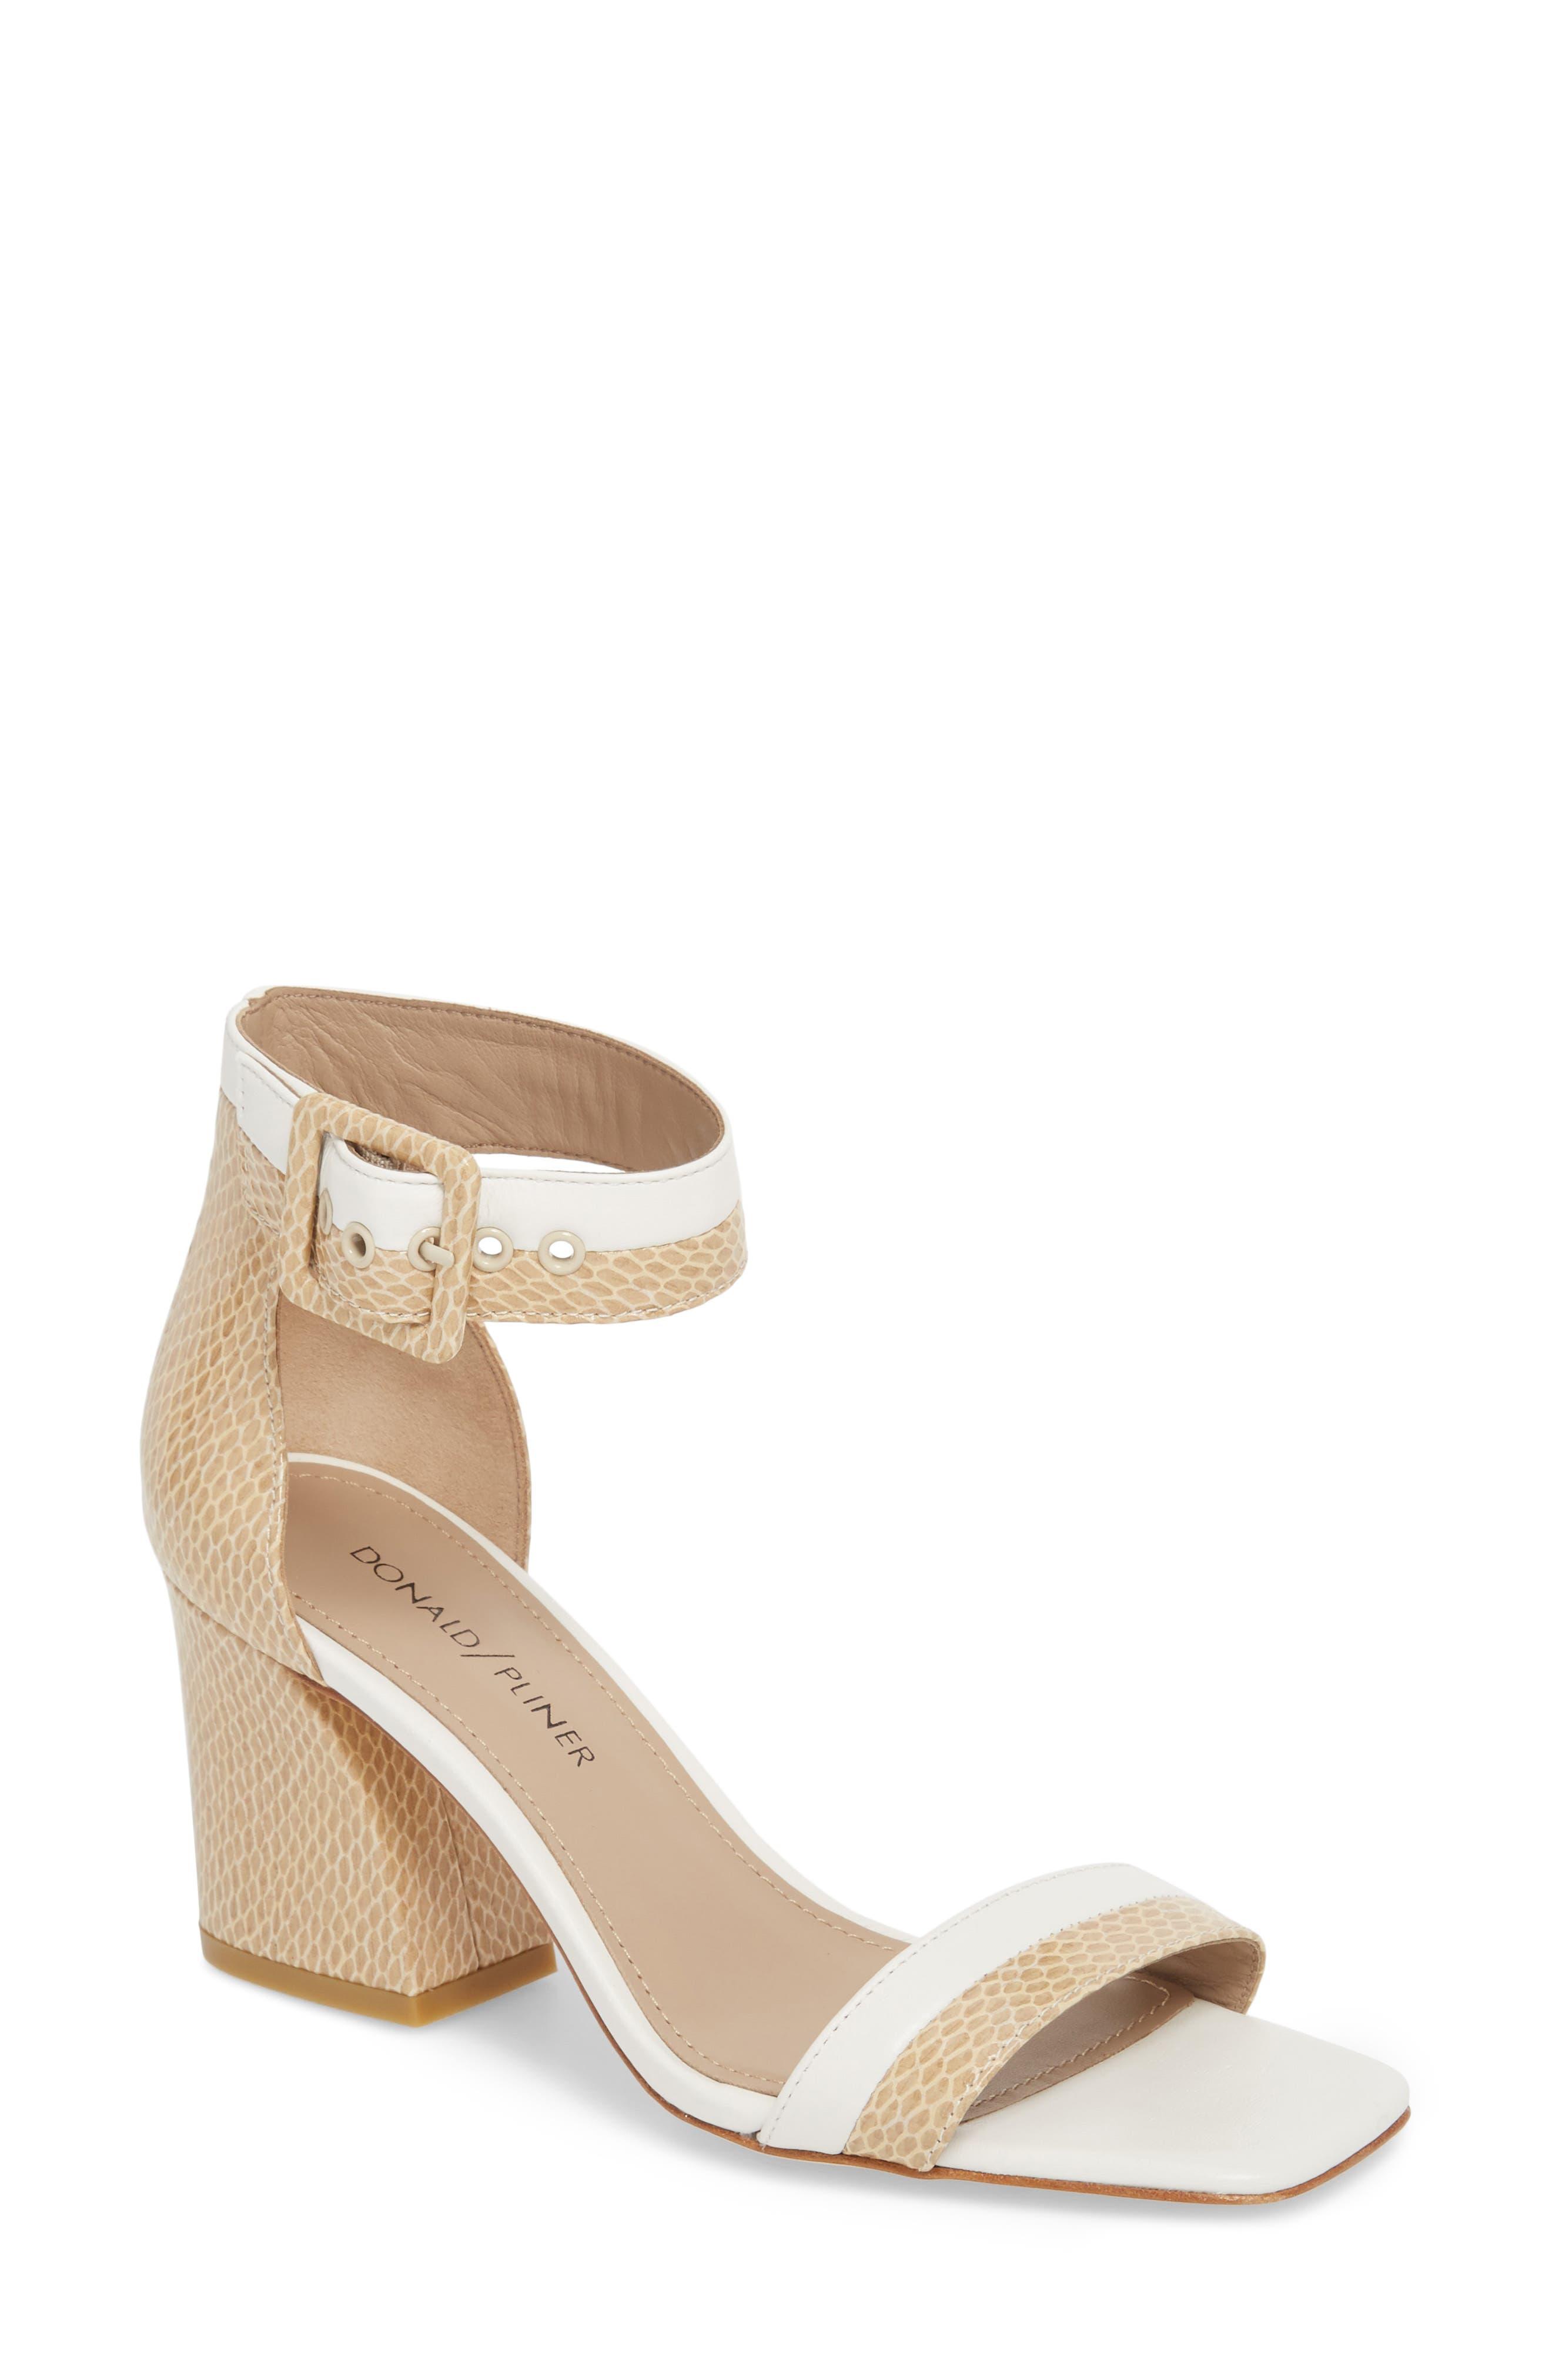 DONALD PLINER Watson Ankle Strap Sandal, Main, color, 250